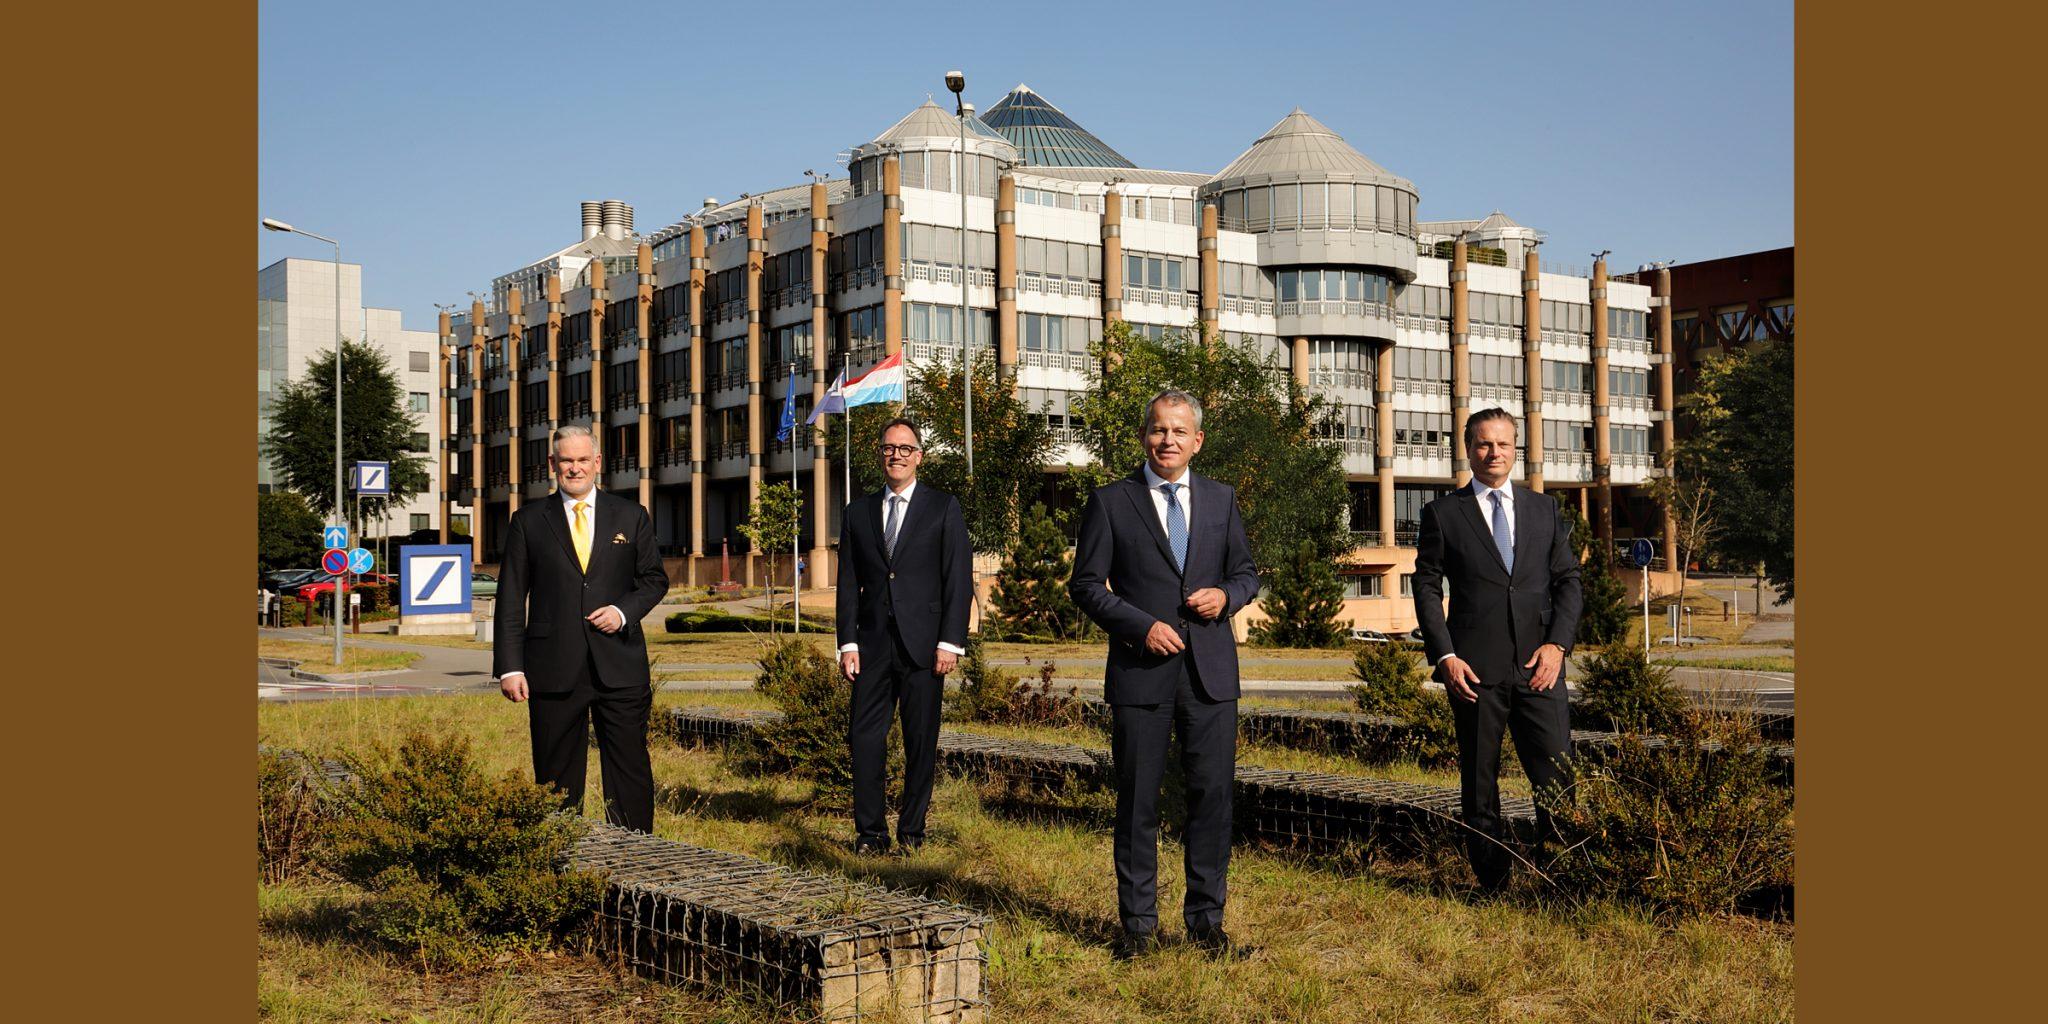 Farbportrait von vier Männern im eleganten Business-Dress, die freundlich lächelnd, in der Grünanlage vor einem imposanten Gebäude (Deutsche Bank Luxemburg) stehend, posieren.